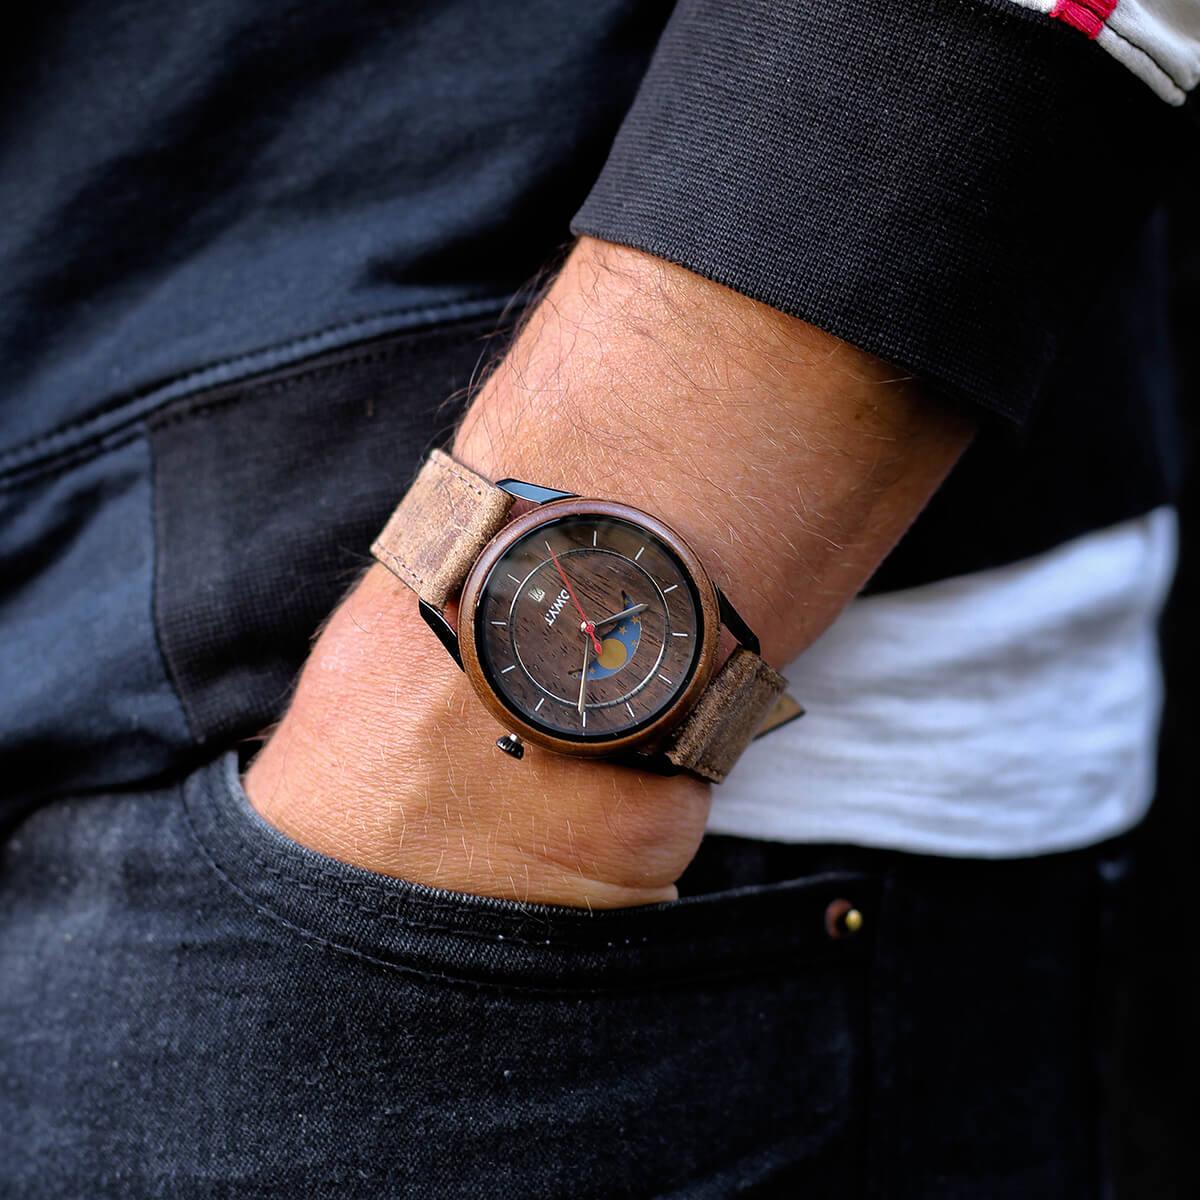 Montre phases de lune New Moon ave bracelet en cuir vintage marron sépia